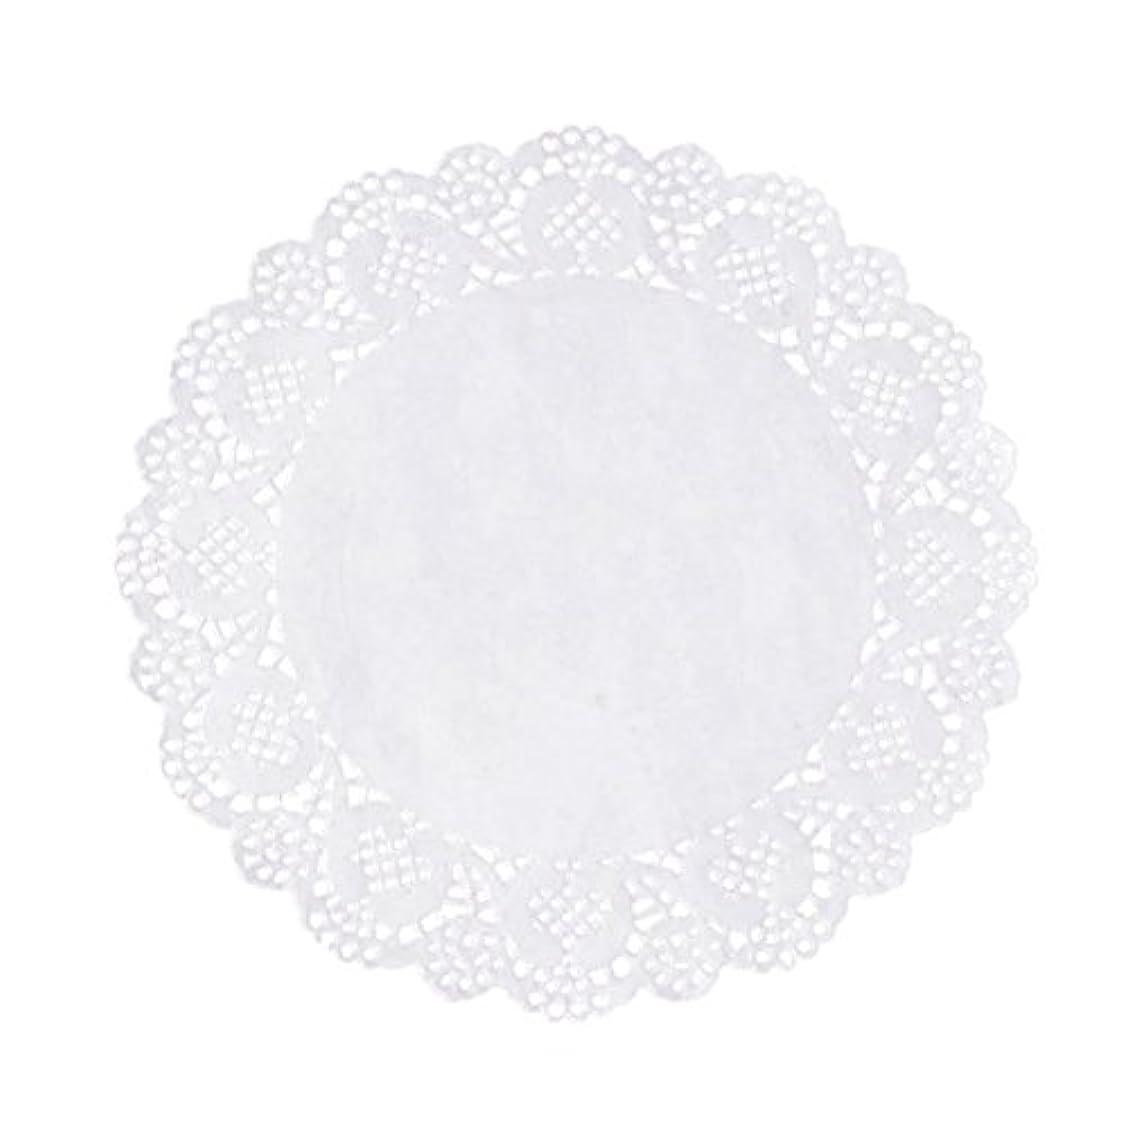 エスカレート記者期間Gaoominy 100枚白いレースラウンド小さなマットケーキ包装パッド結婚式の食器装飾